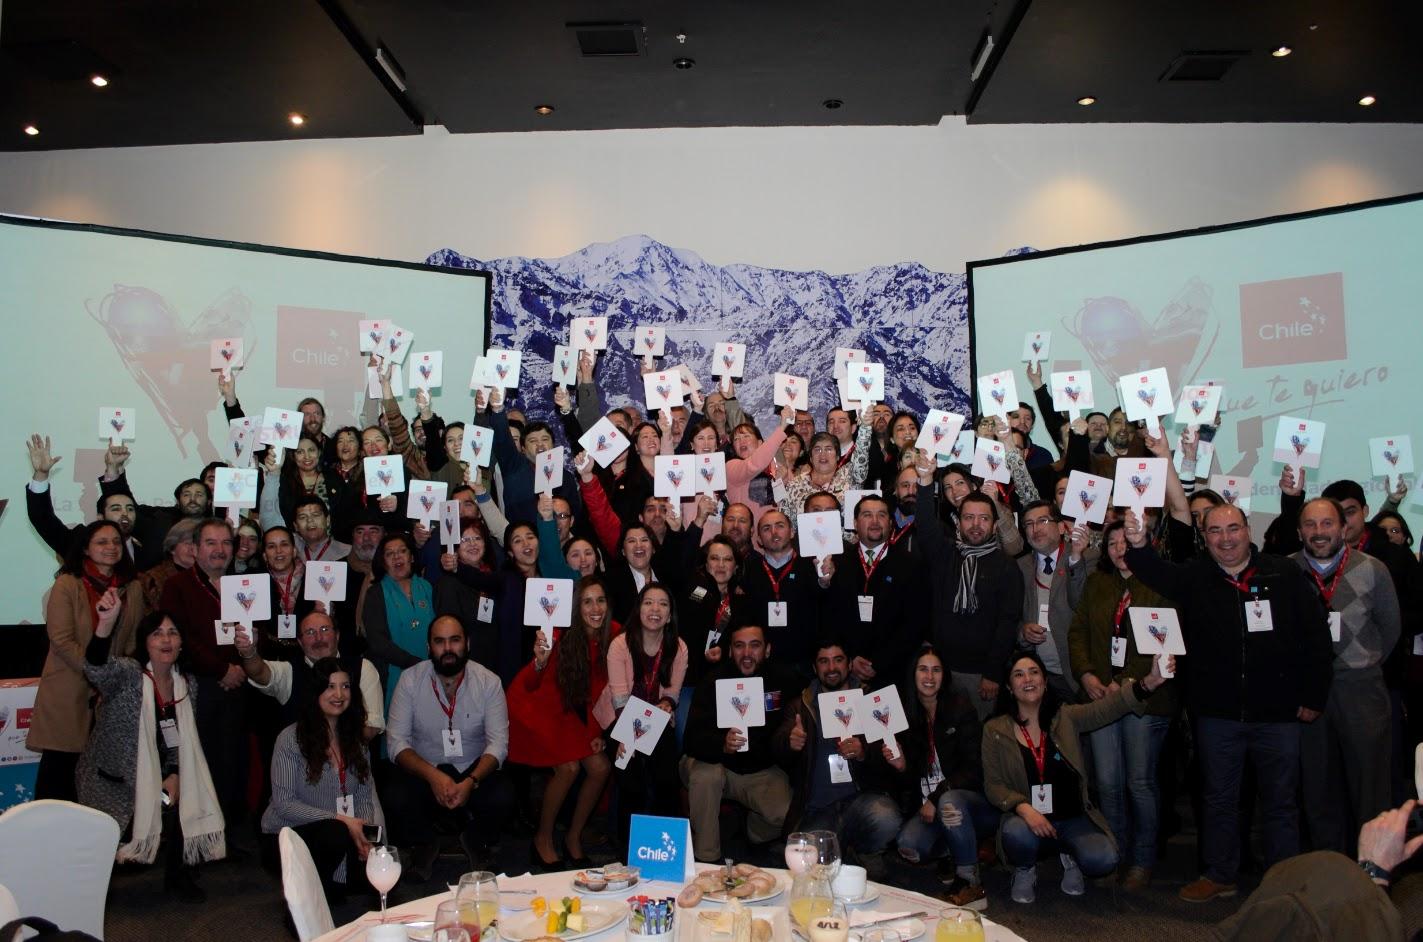 """Gira """"Chile que te quiero"""" congregó a más de 100 personas en su paso por Talca"""